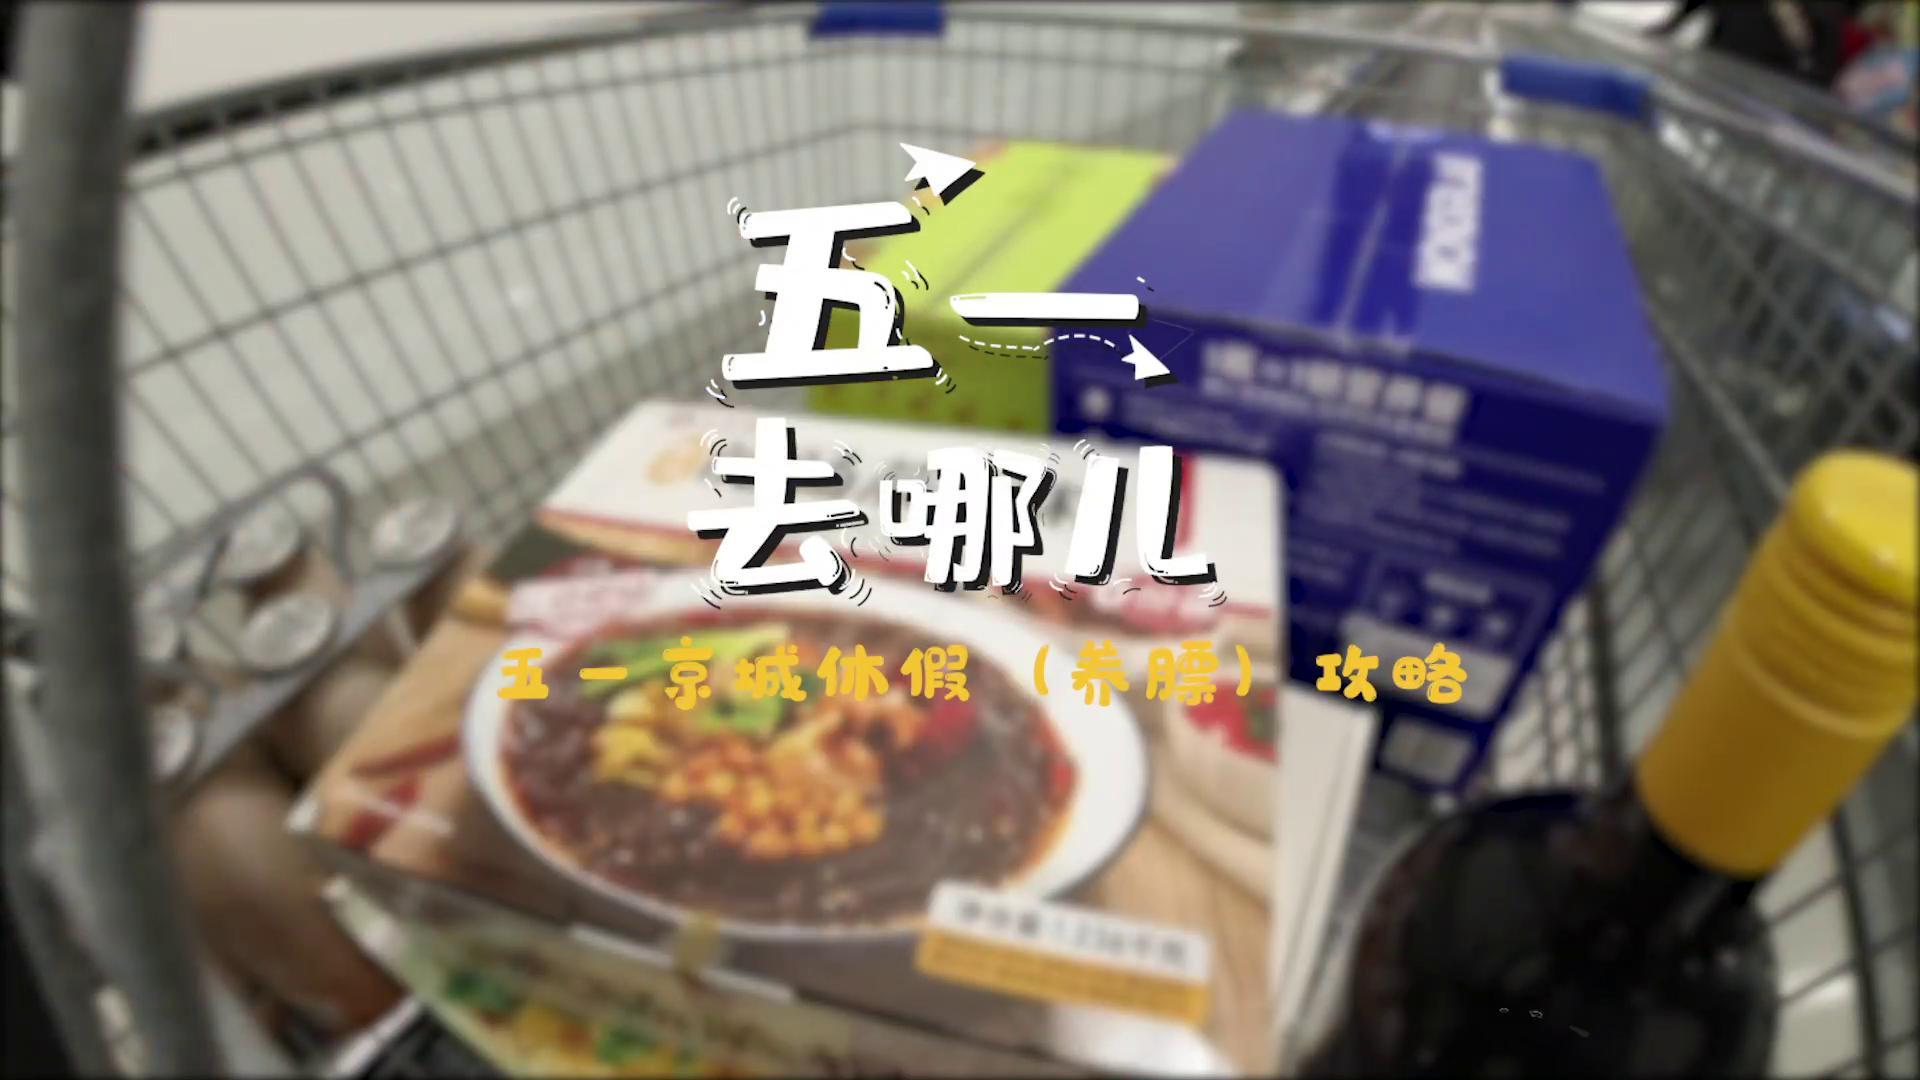 五一去哪儿(一):京城休假、宅家囤货攻略,在山姆应该买什么?